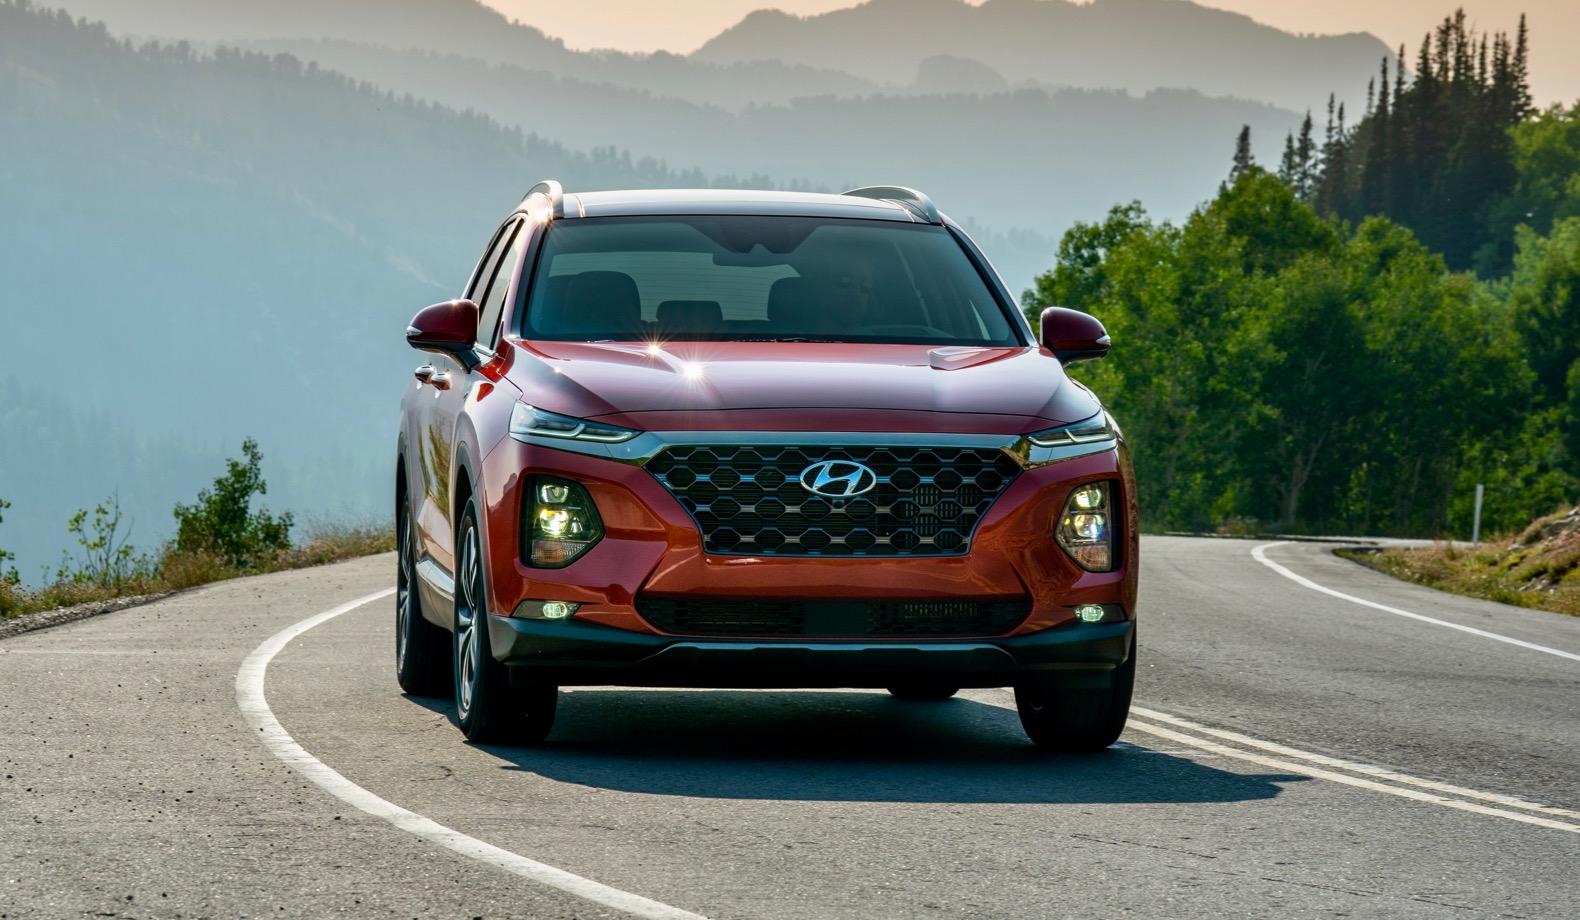 2020 Hyundai Santa Fe Review: Ready for the Family | The ...